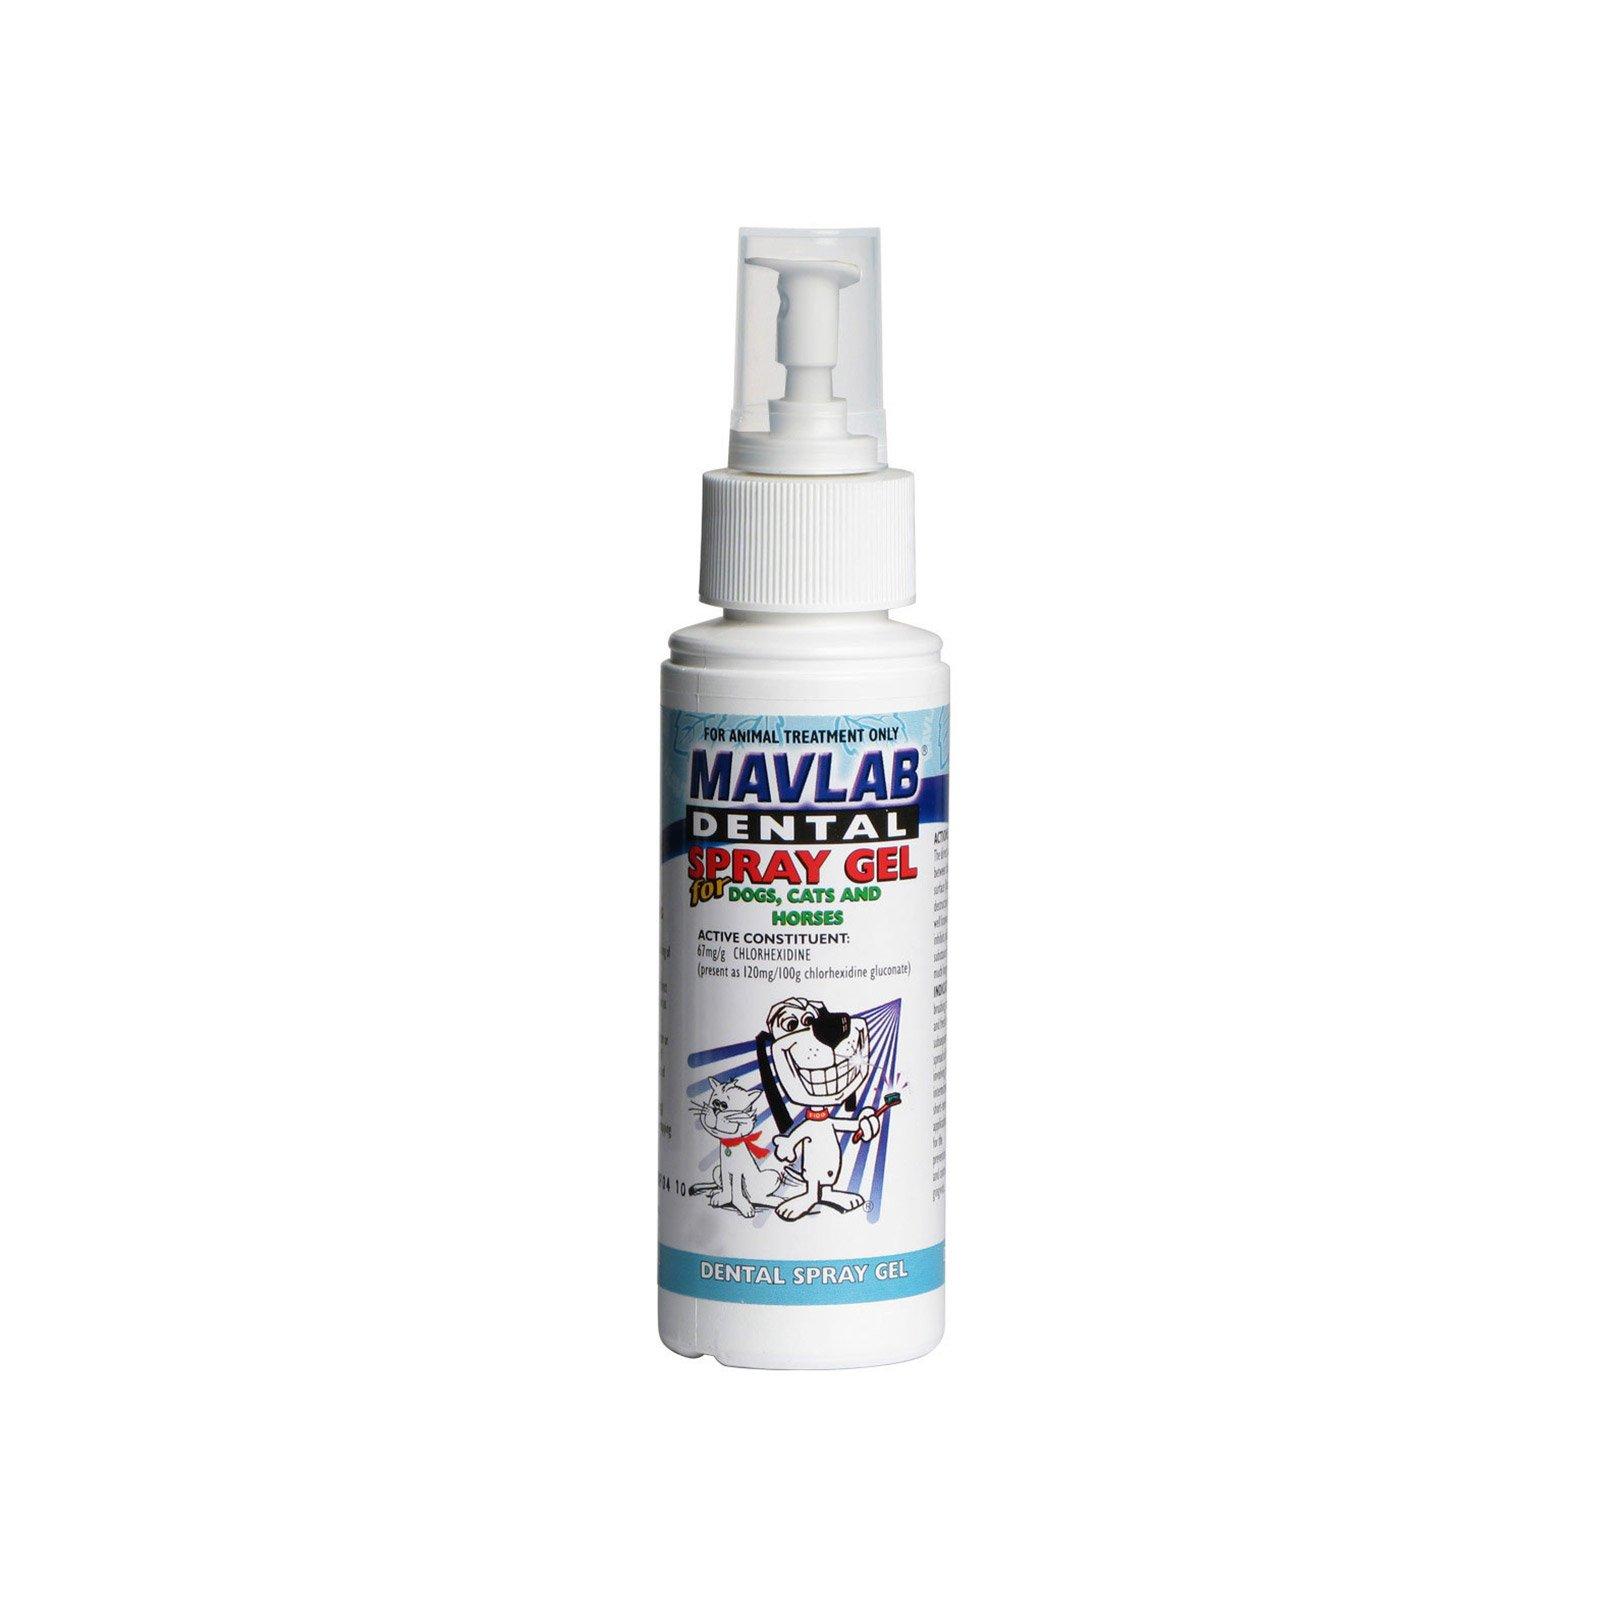 Mavlab Dental Spray Gel For Dogs, Cats & Horses